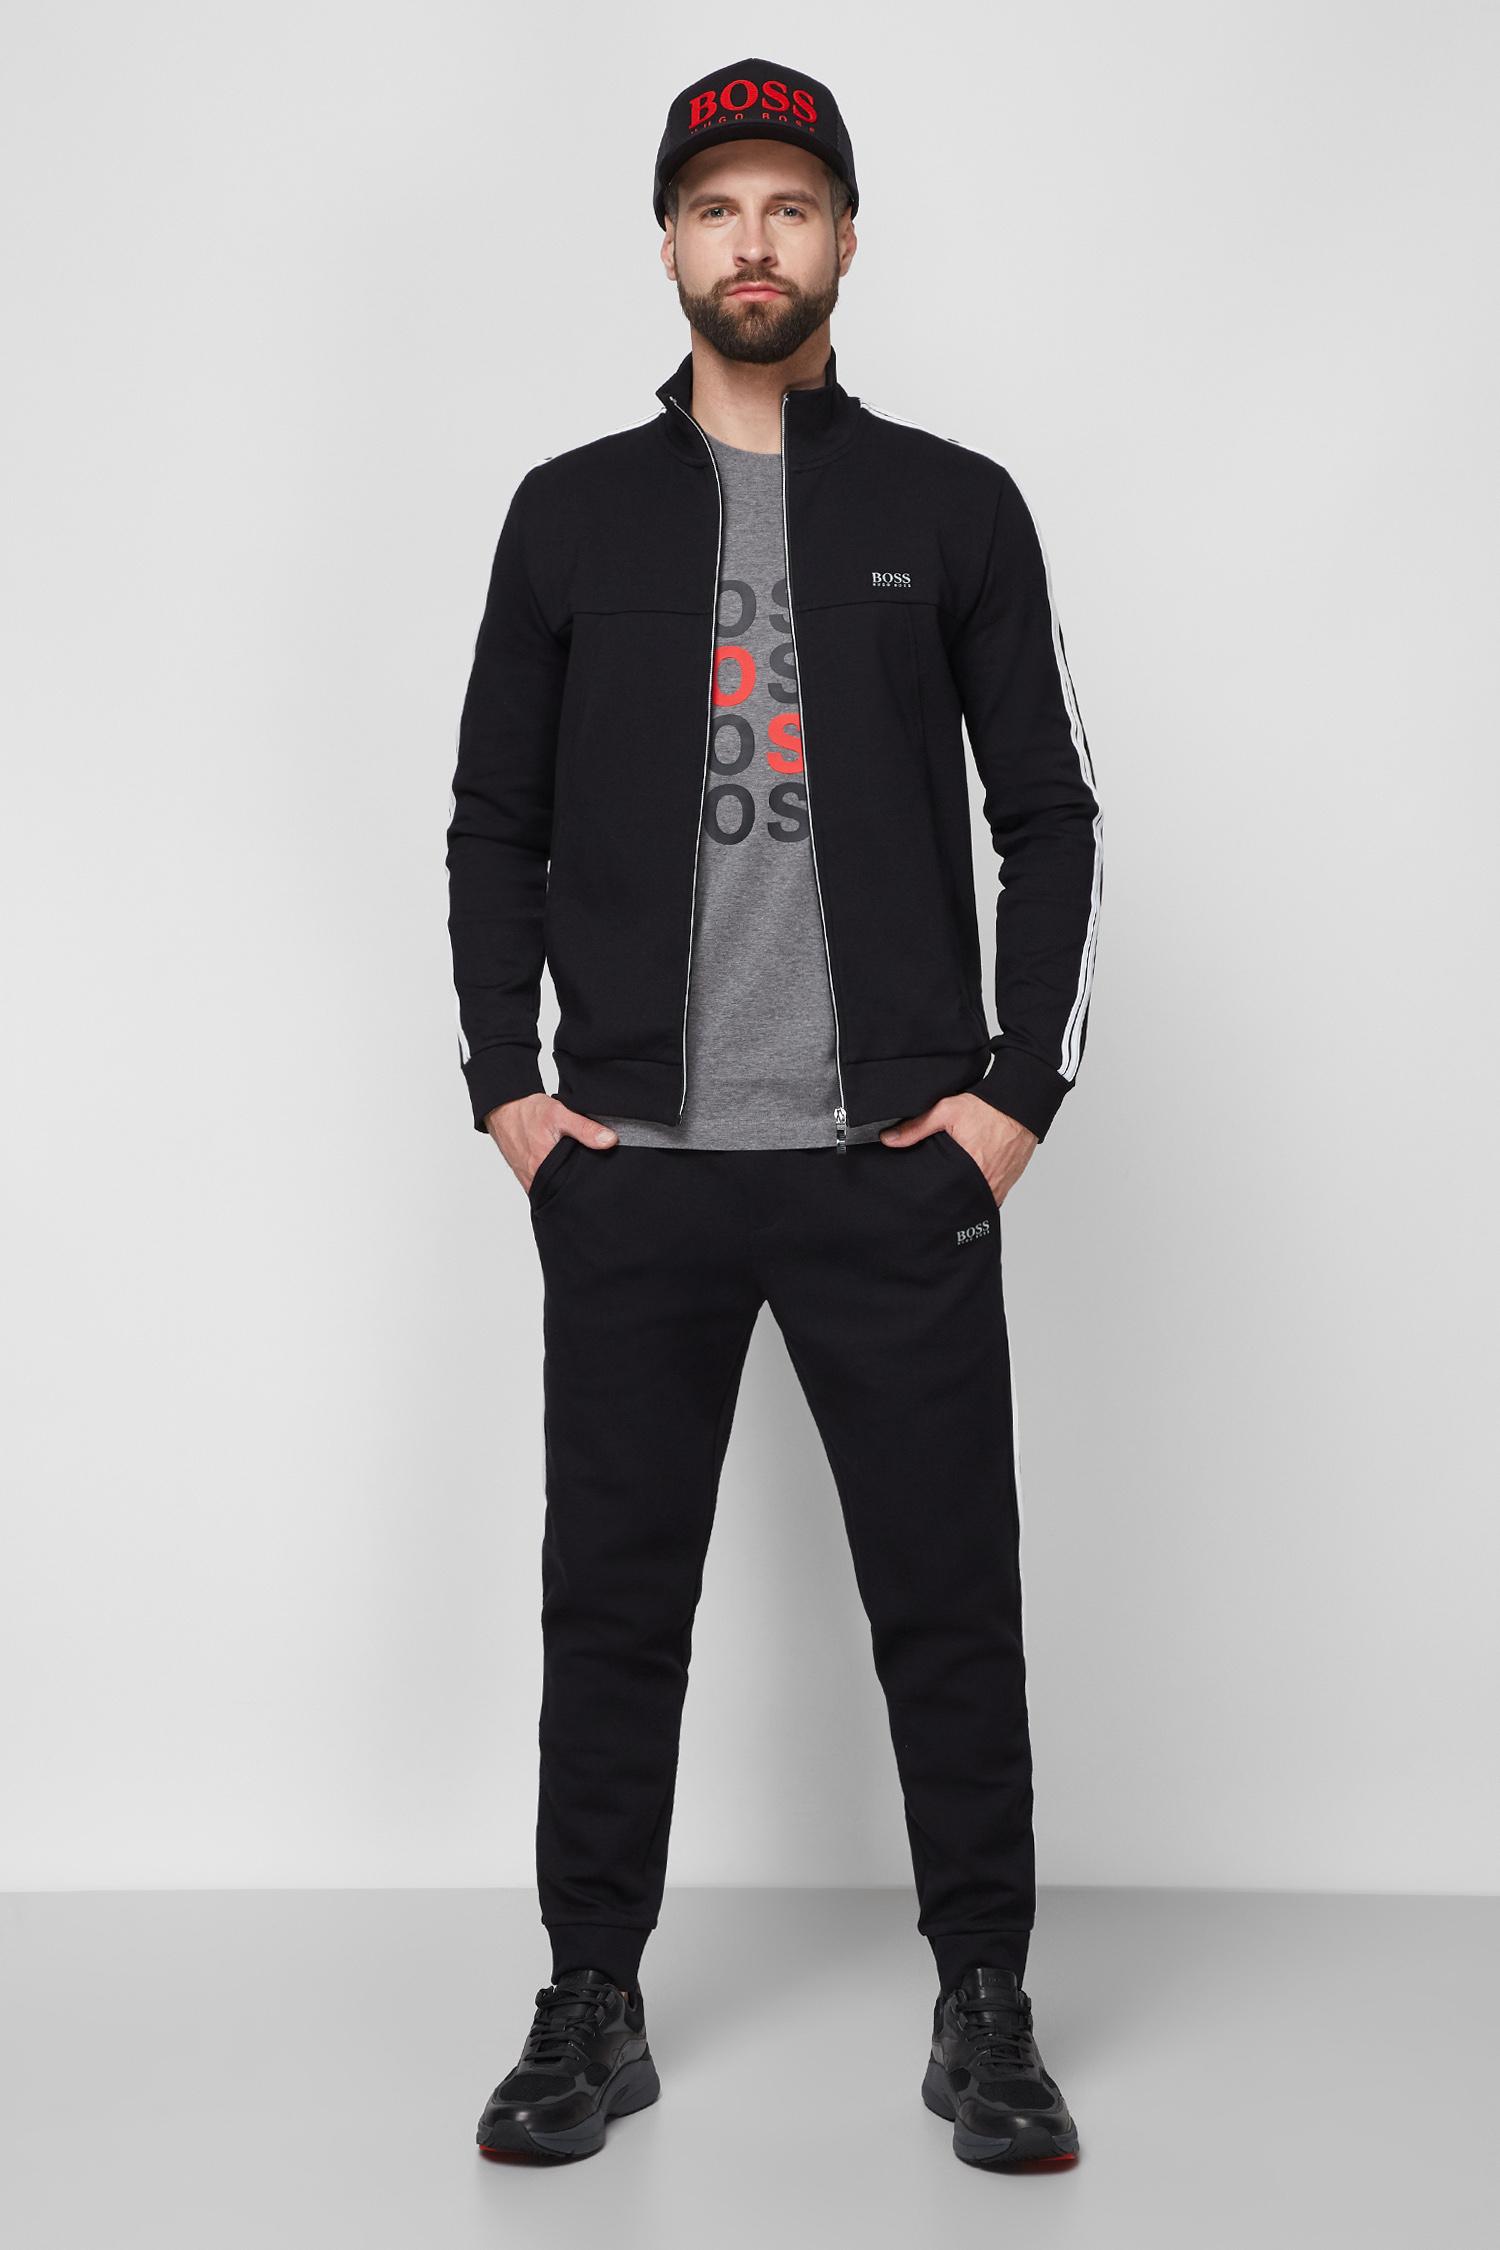 Чоловічий чорний спортивний костюм (спортивна кофта, штани) 1